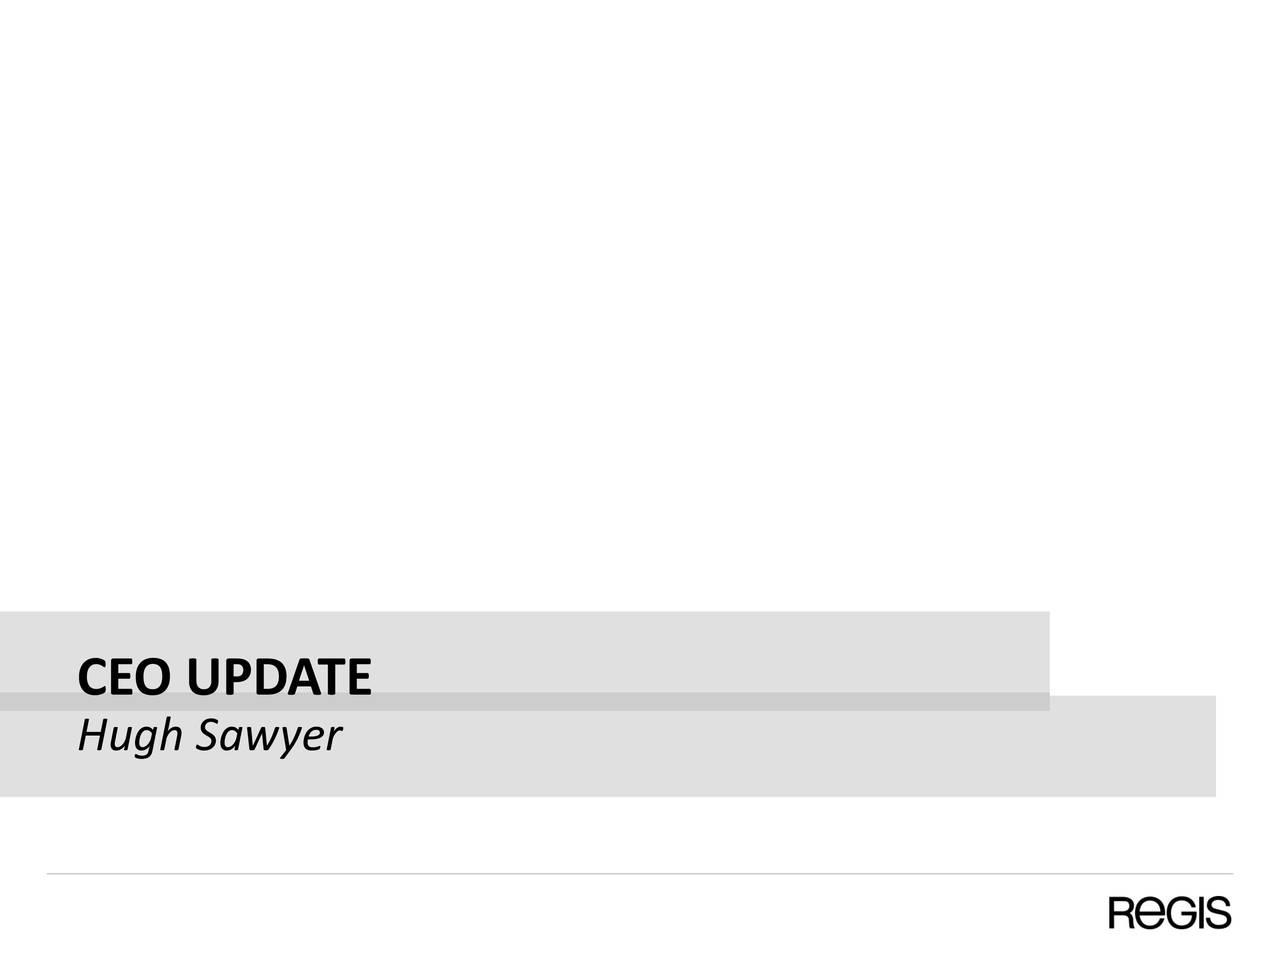 hugh sawyer